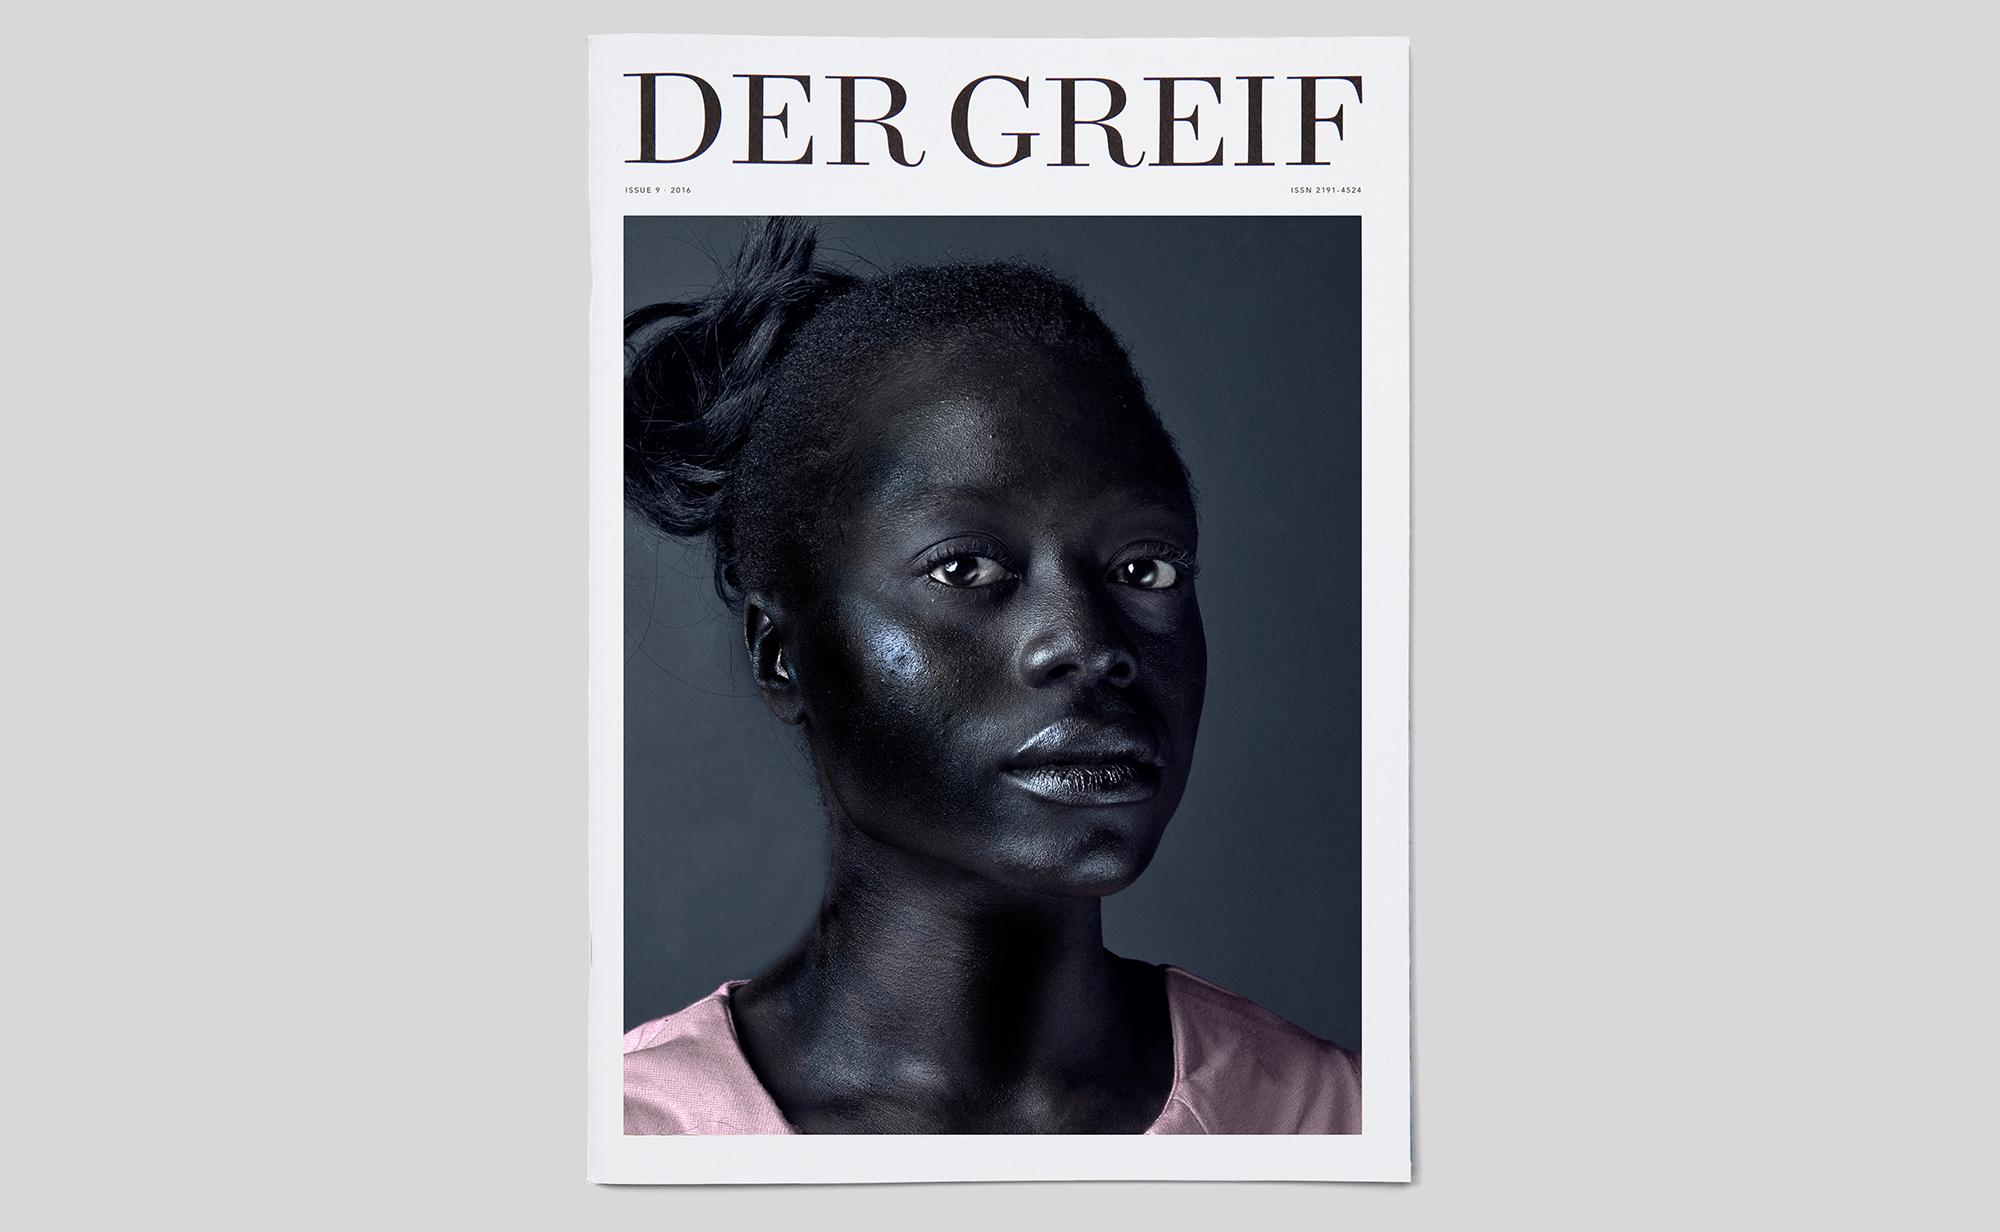 三ツ谷想「DER GREIF」Issue 9 作品掲載